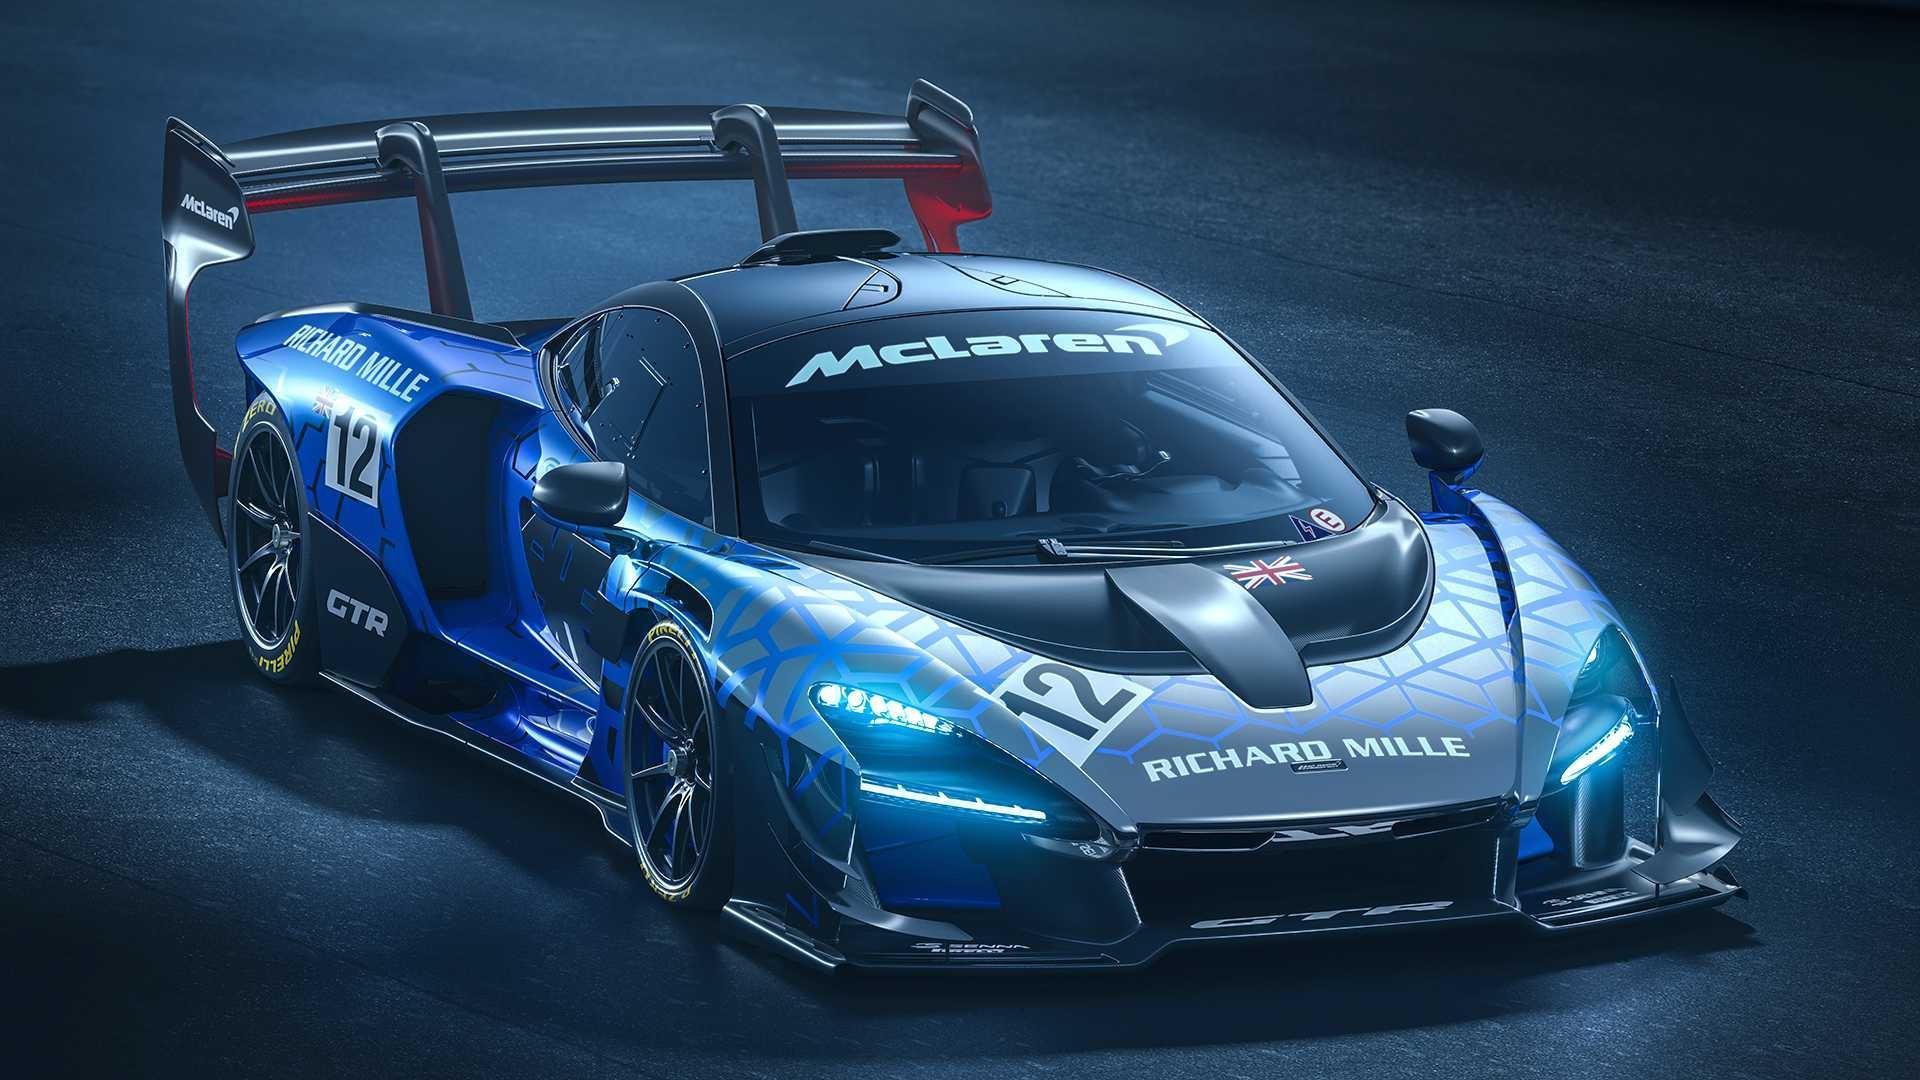 Mclaren Senna GTR: Expression ultime de la performance et de l'excitation de la conduite sur piste.